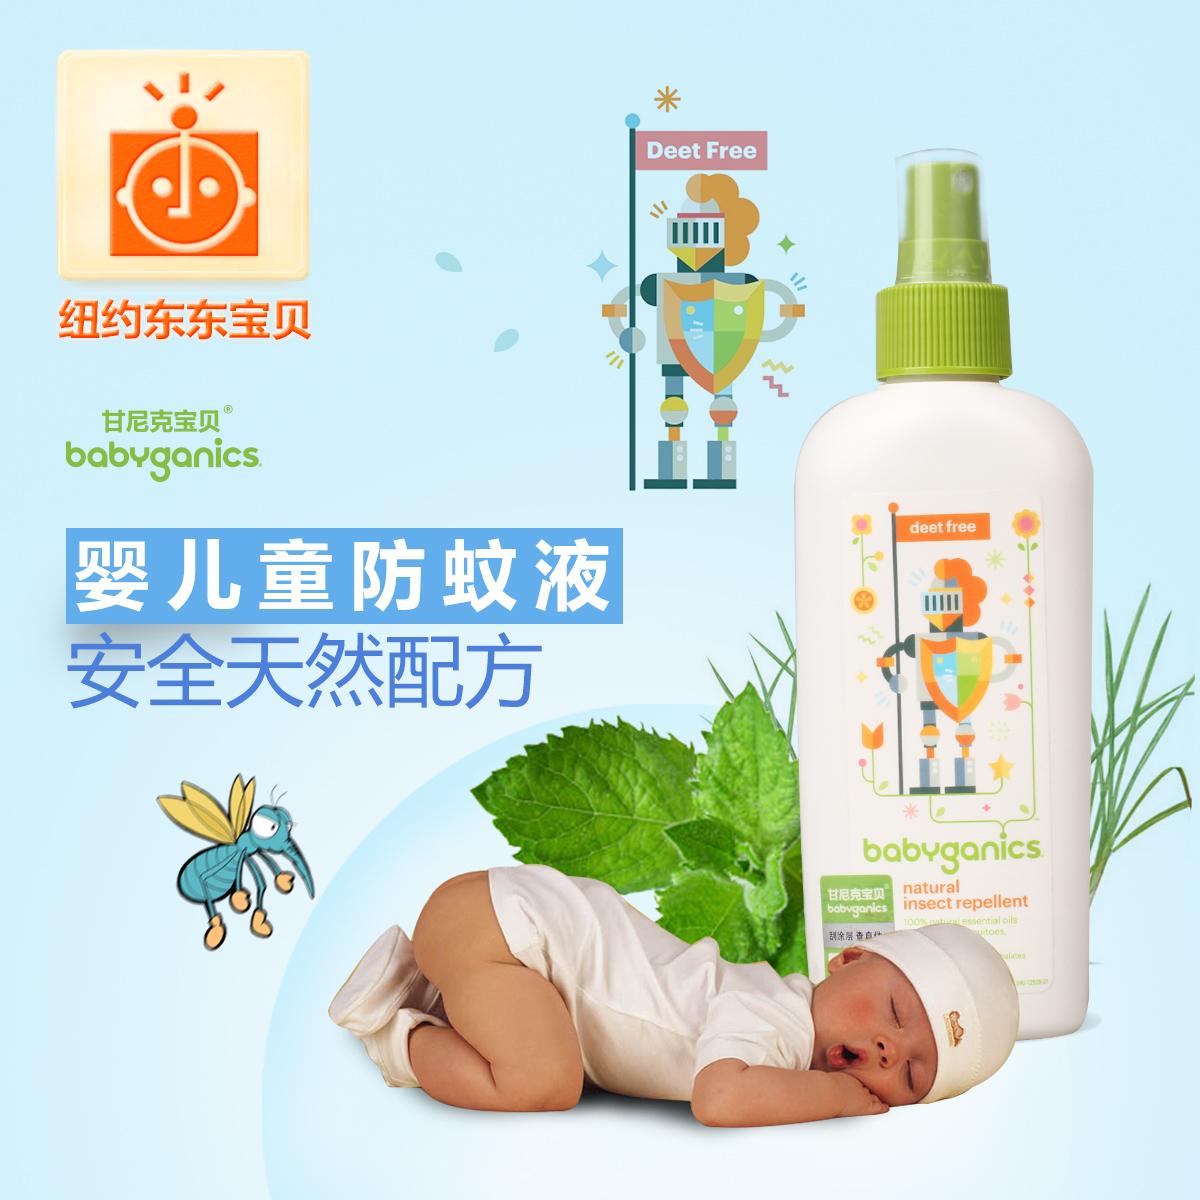 Другие Gan Nike baby BabyGanics babyganics 50ml 2016 10